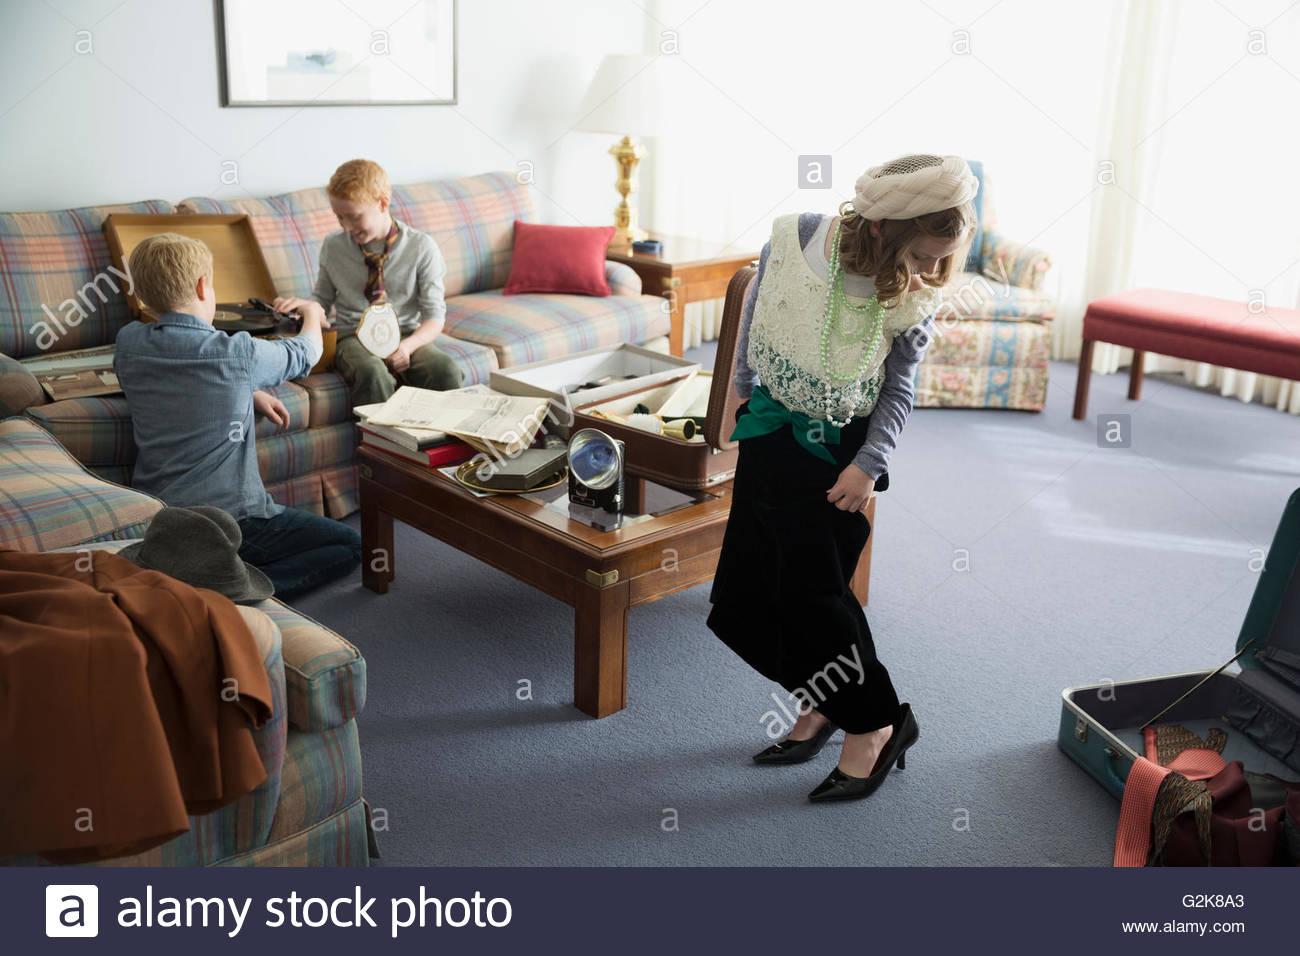 Jeune fille portant des vêtements à l'ancienne Photo Stock